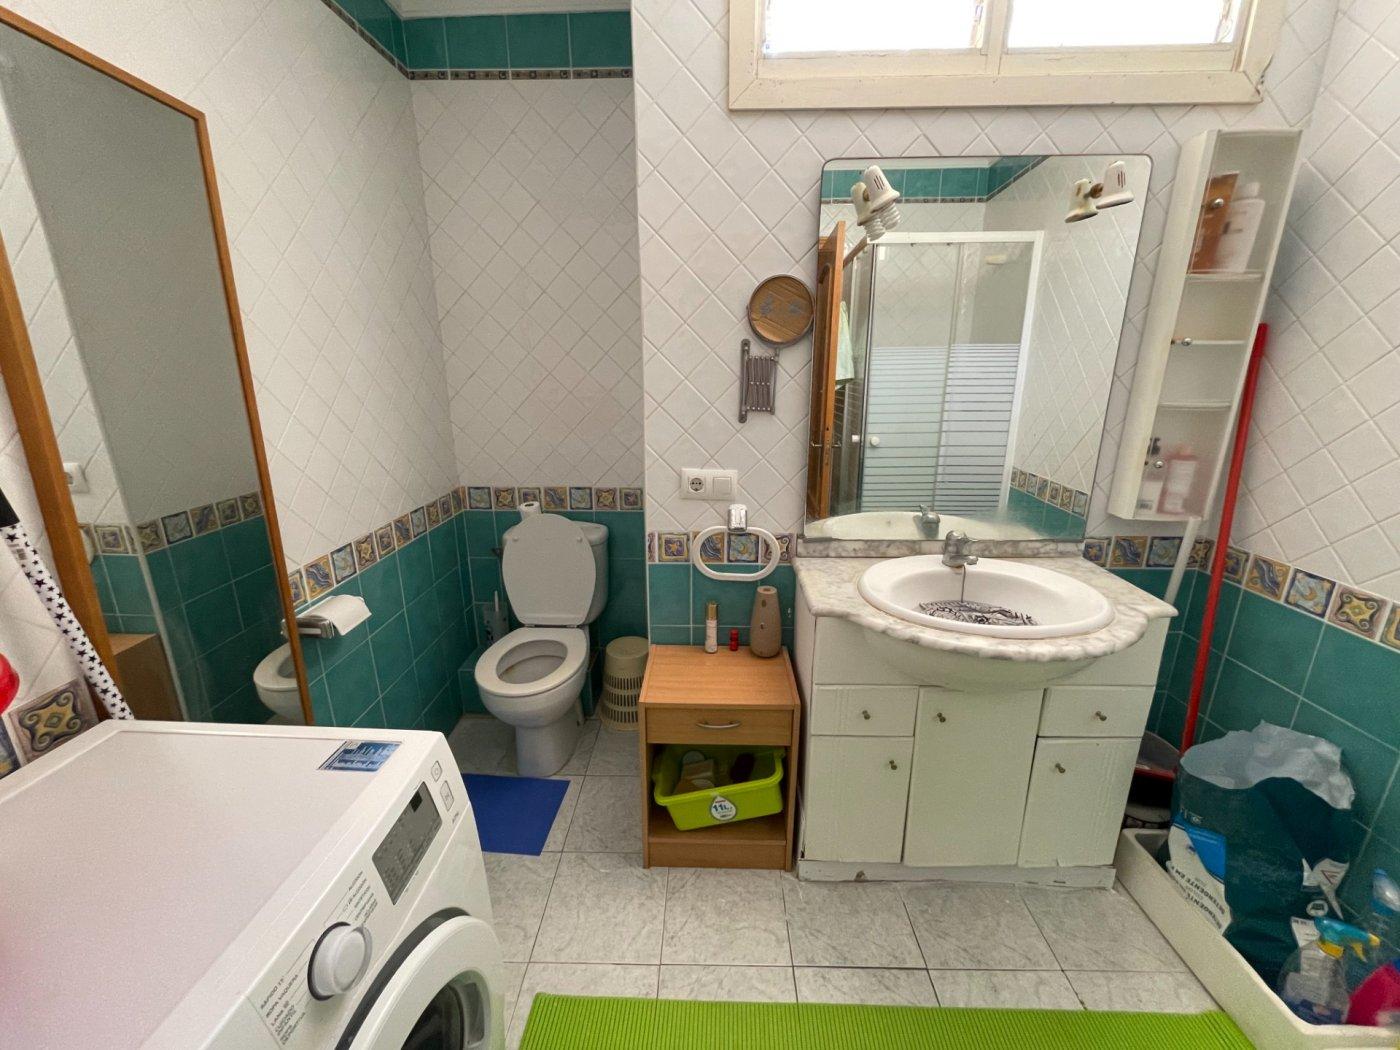 Se vende piso de dos dormitorios con piscina y parking comunitaria - imagenInmueble11